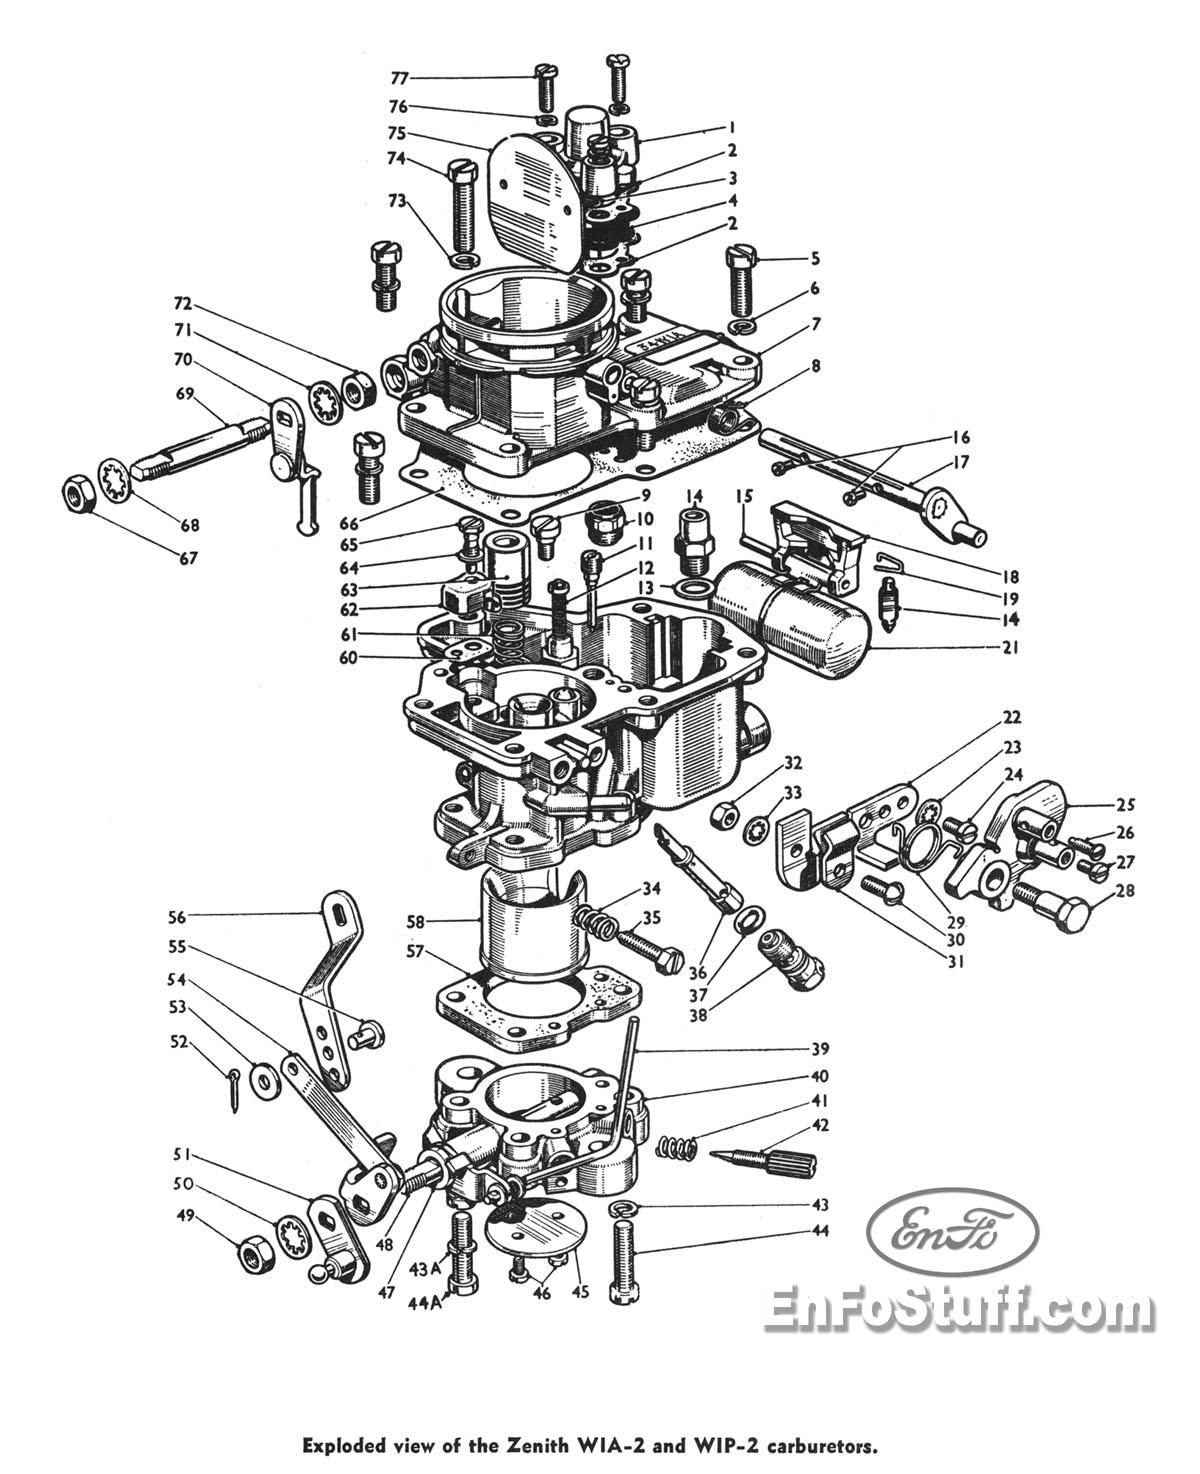 john deere 60 diagrama de cableado auto electrical wiring diagram Mercury Outboard Electrical Diagram carburetor diagram zenith wia 2 and wip 2